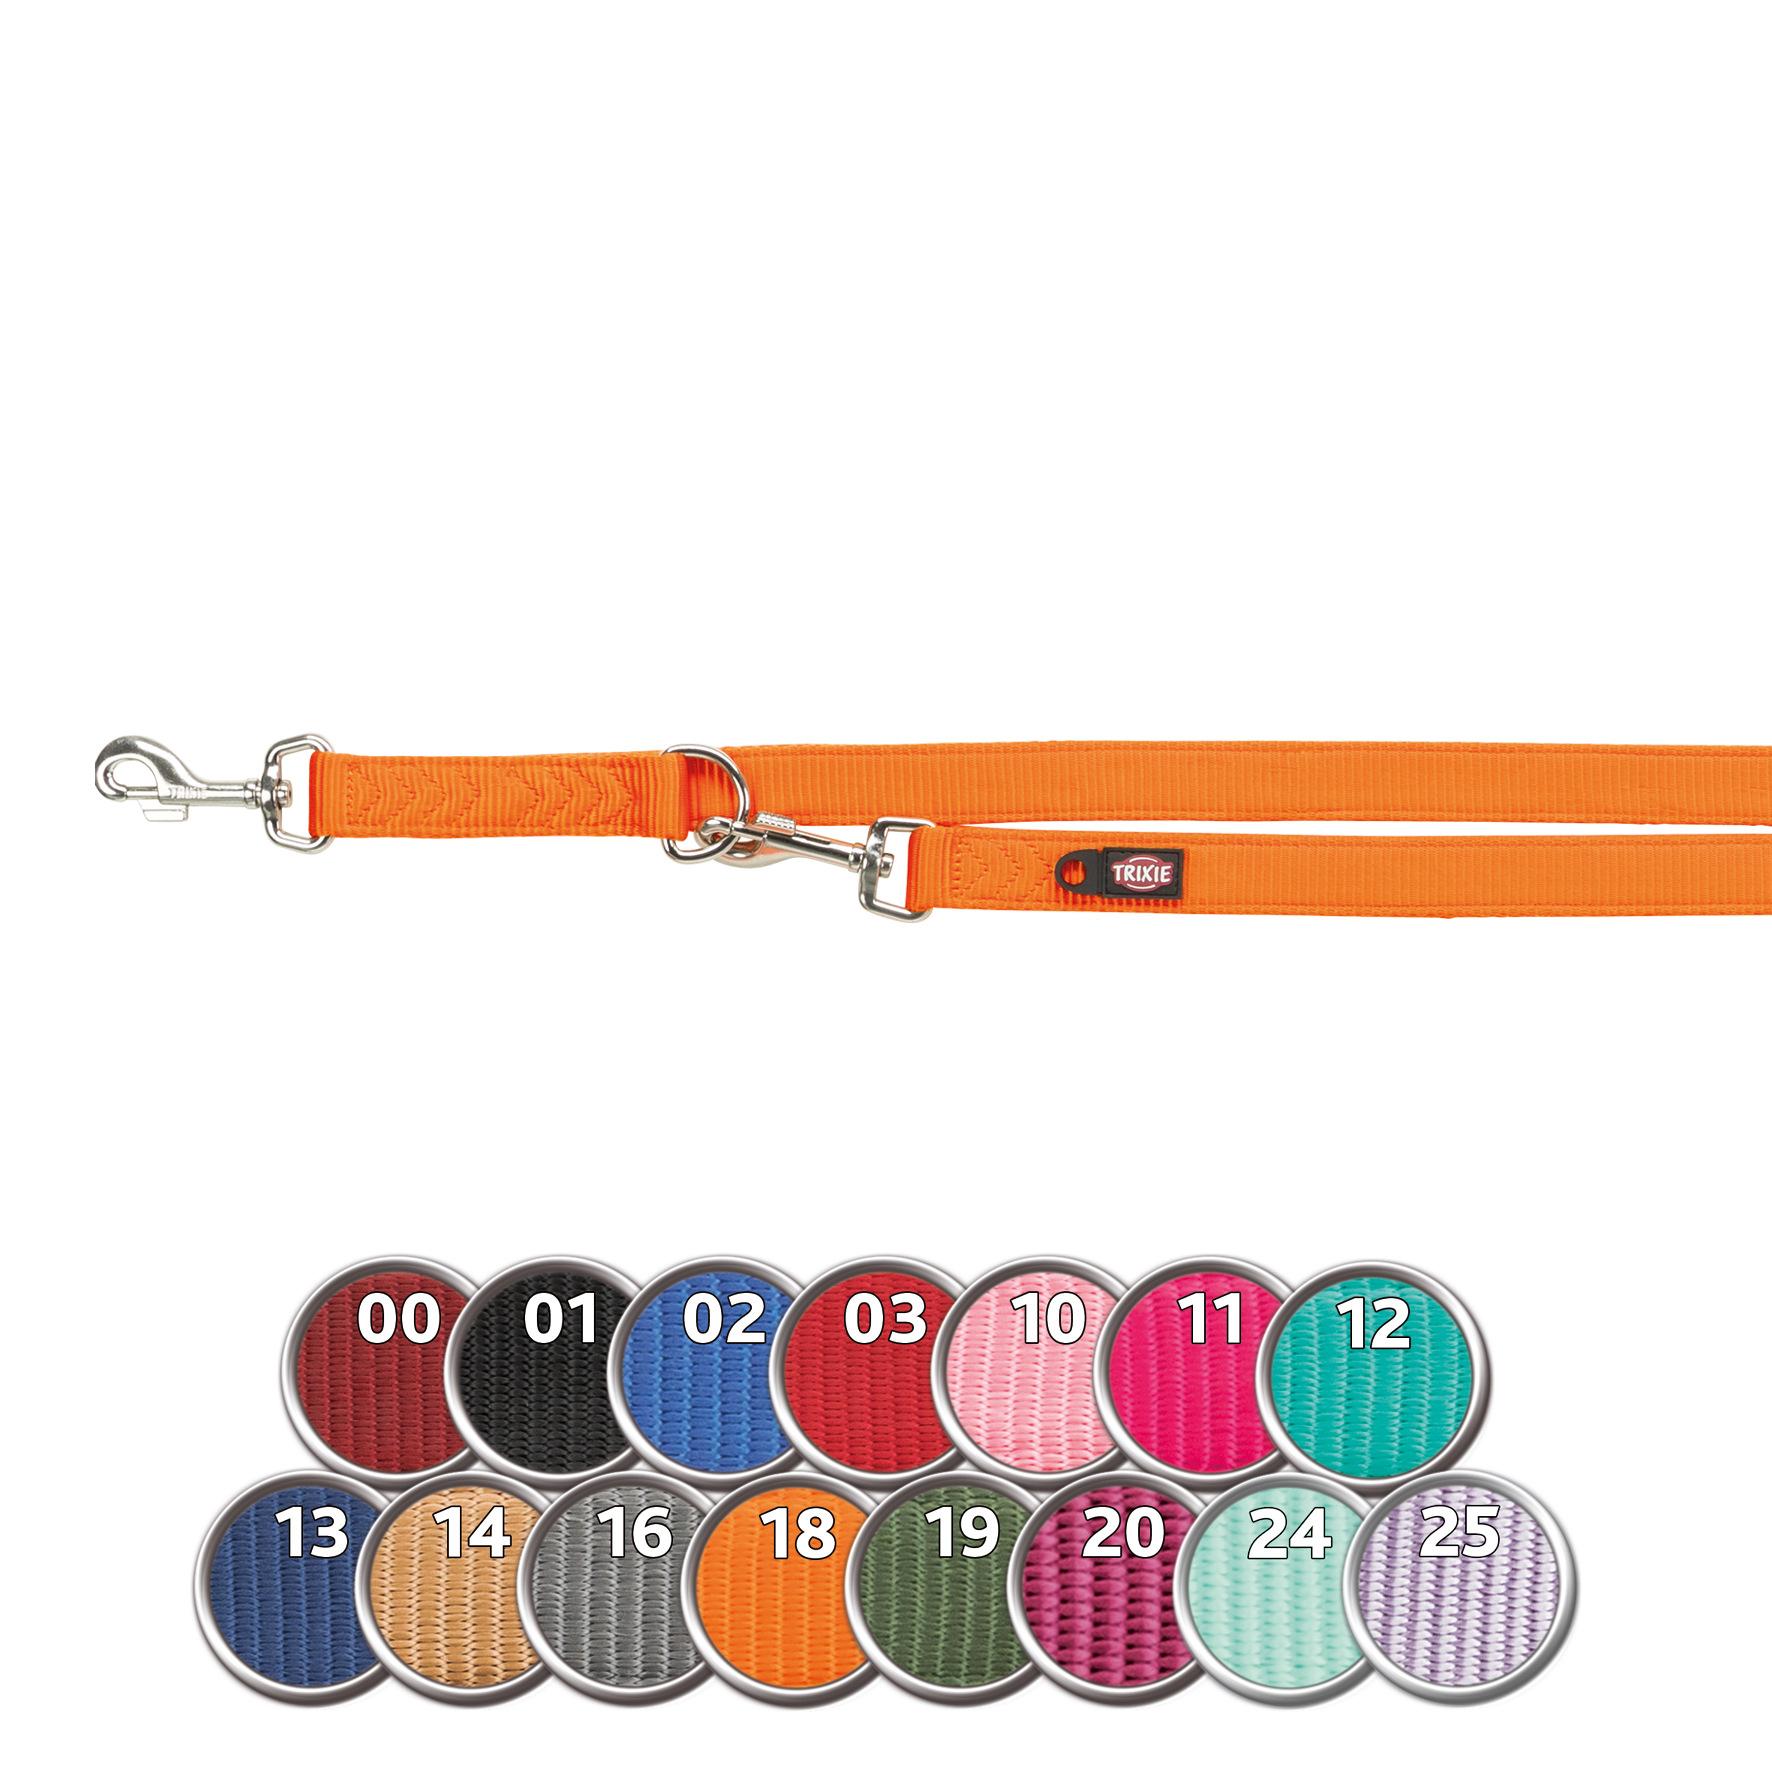 TRIXIE Premium V~Leine, doppelt TRIXIE Premium V-Leine, doppellagig, L–XL: 2,00 m/25 mm, koralle